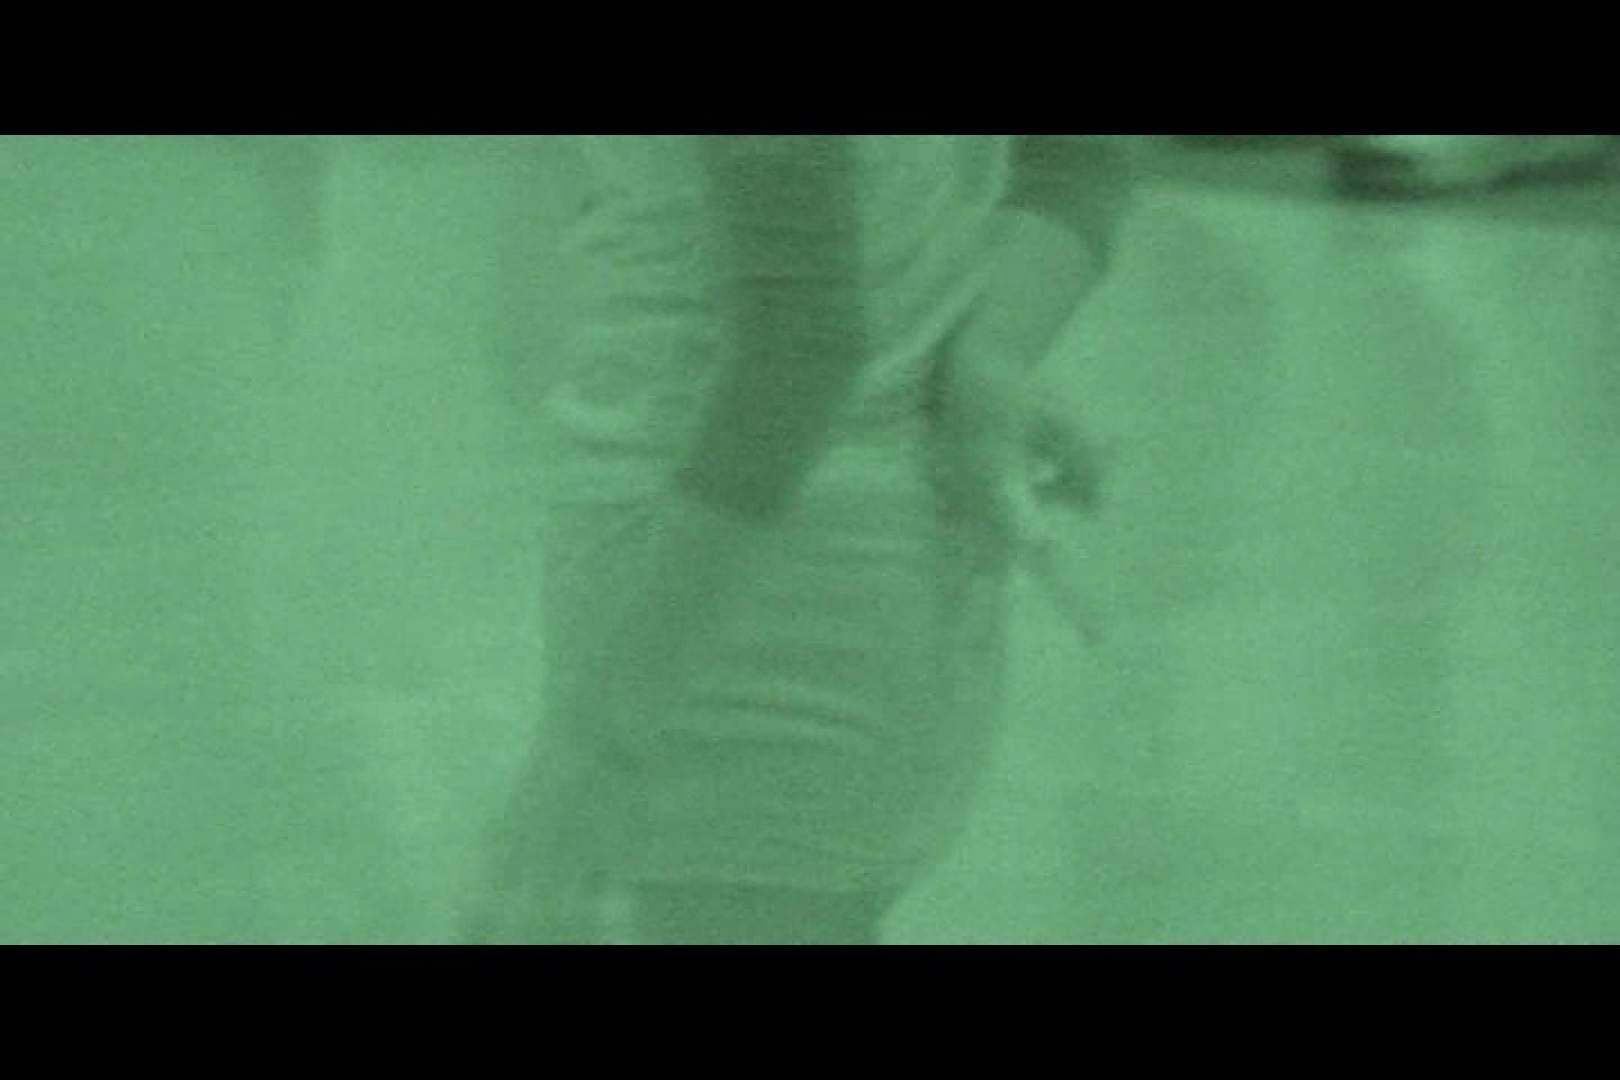 赤外線ムレスケバレー(汗) vol.20 OLのエロ生活  93連発 45